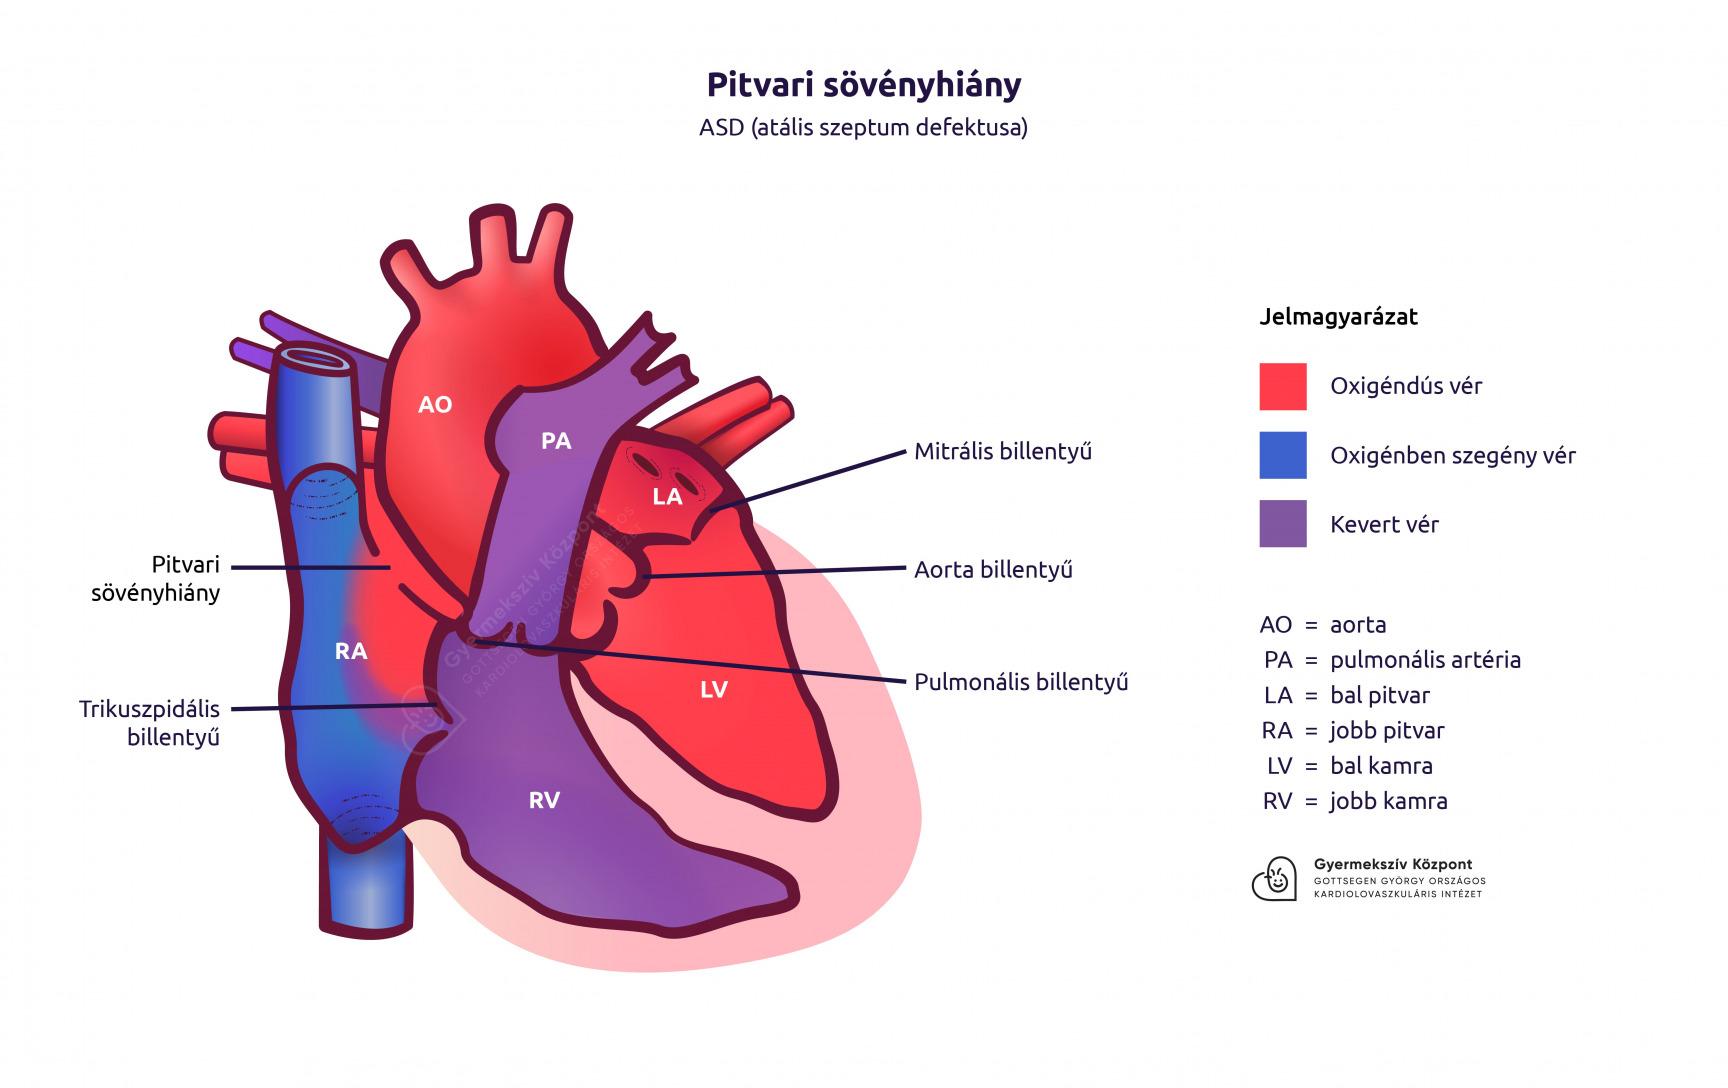 A szívfejlődési rendellenességekről